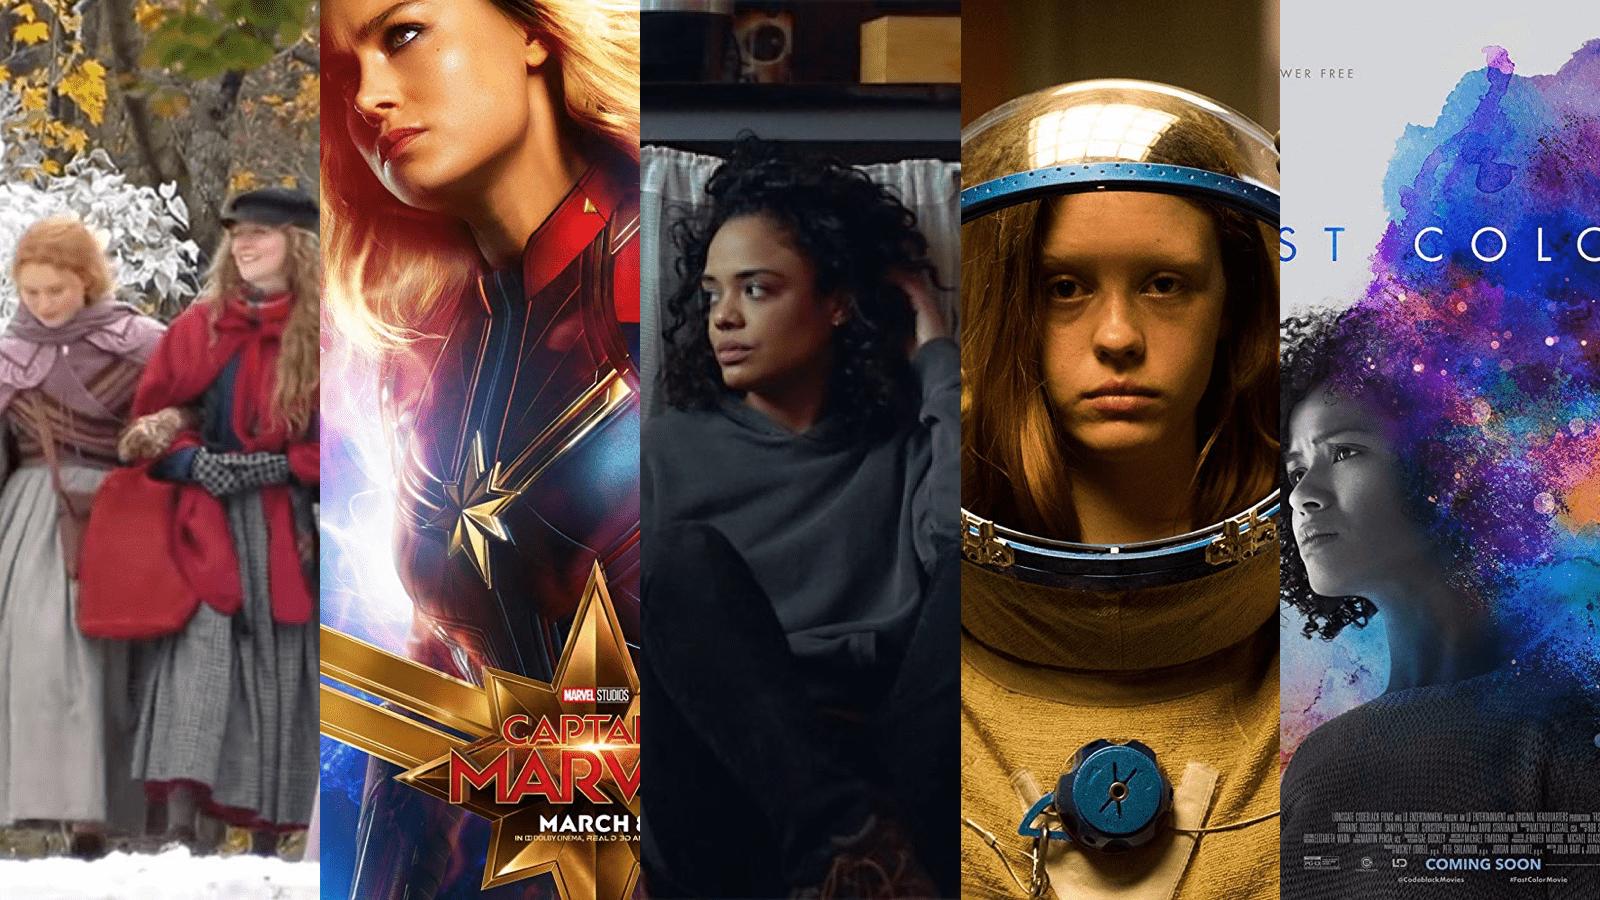 بهترین فیلم های ۲۰۱۹ که حتما باید دید | آماده ی میخکوب شدن باشید!